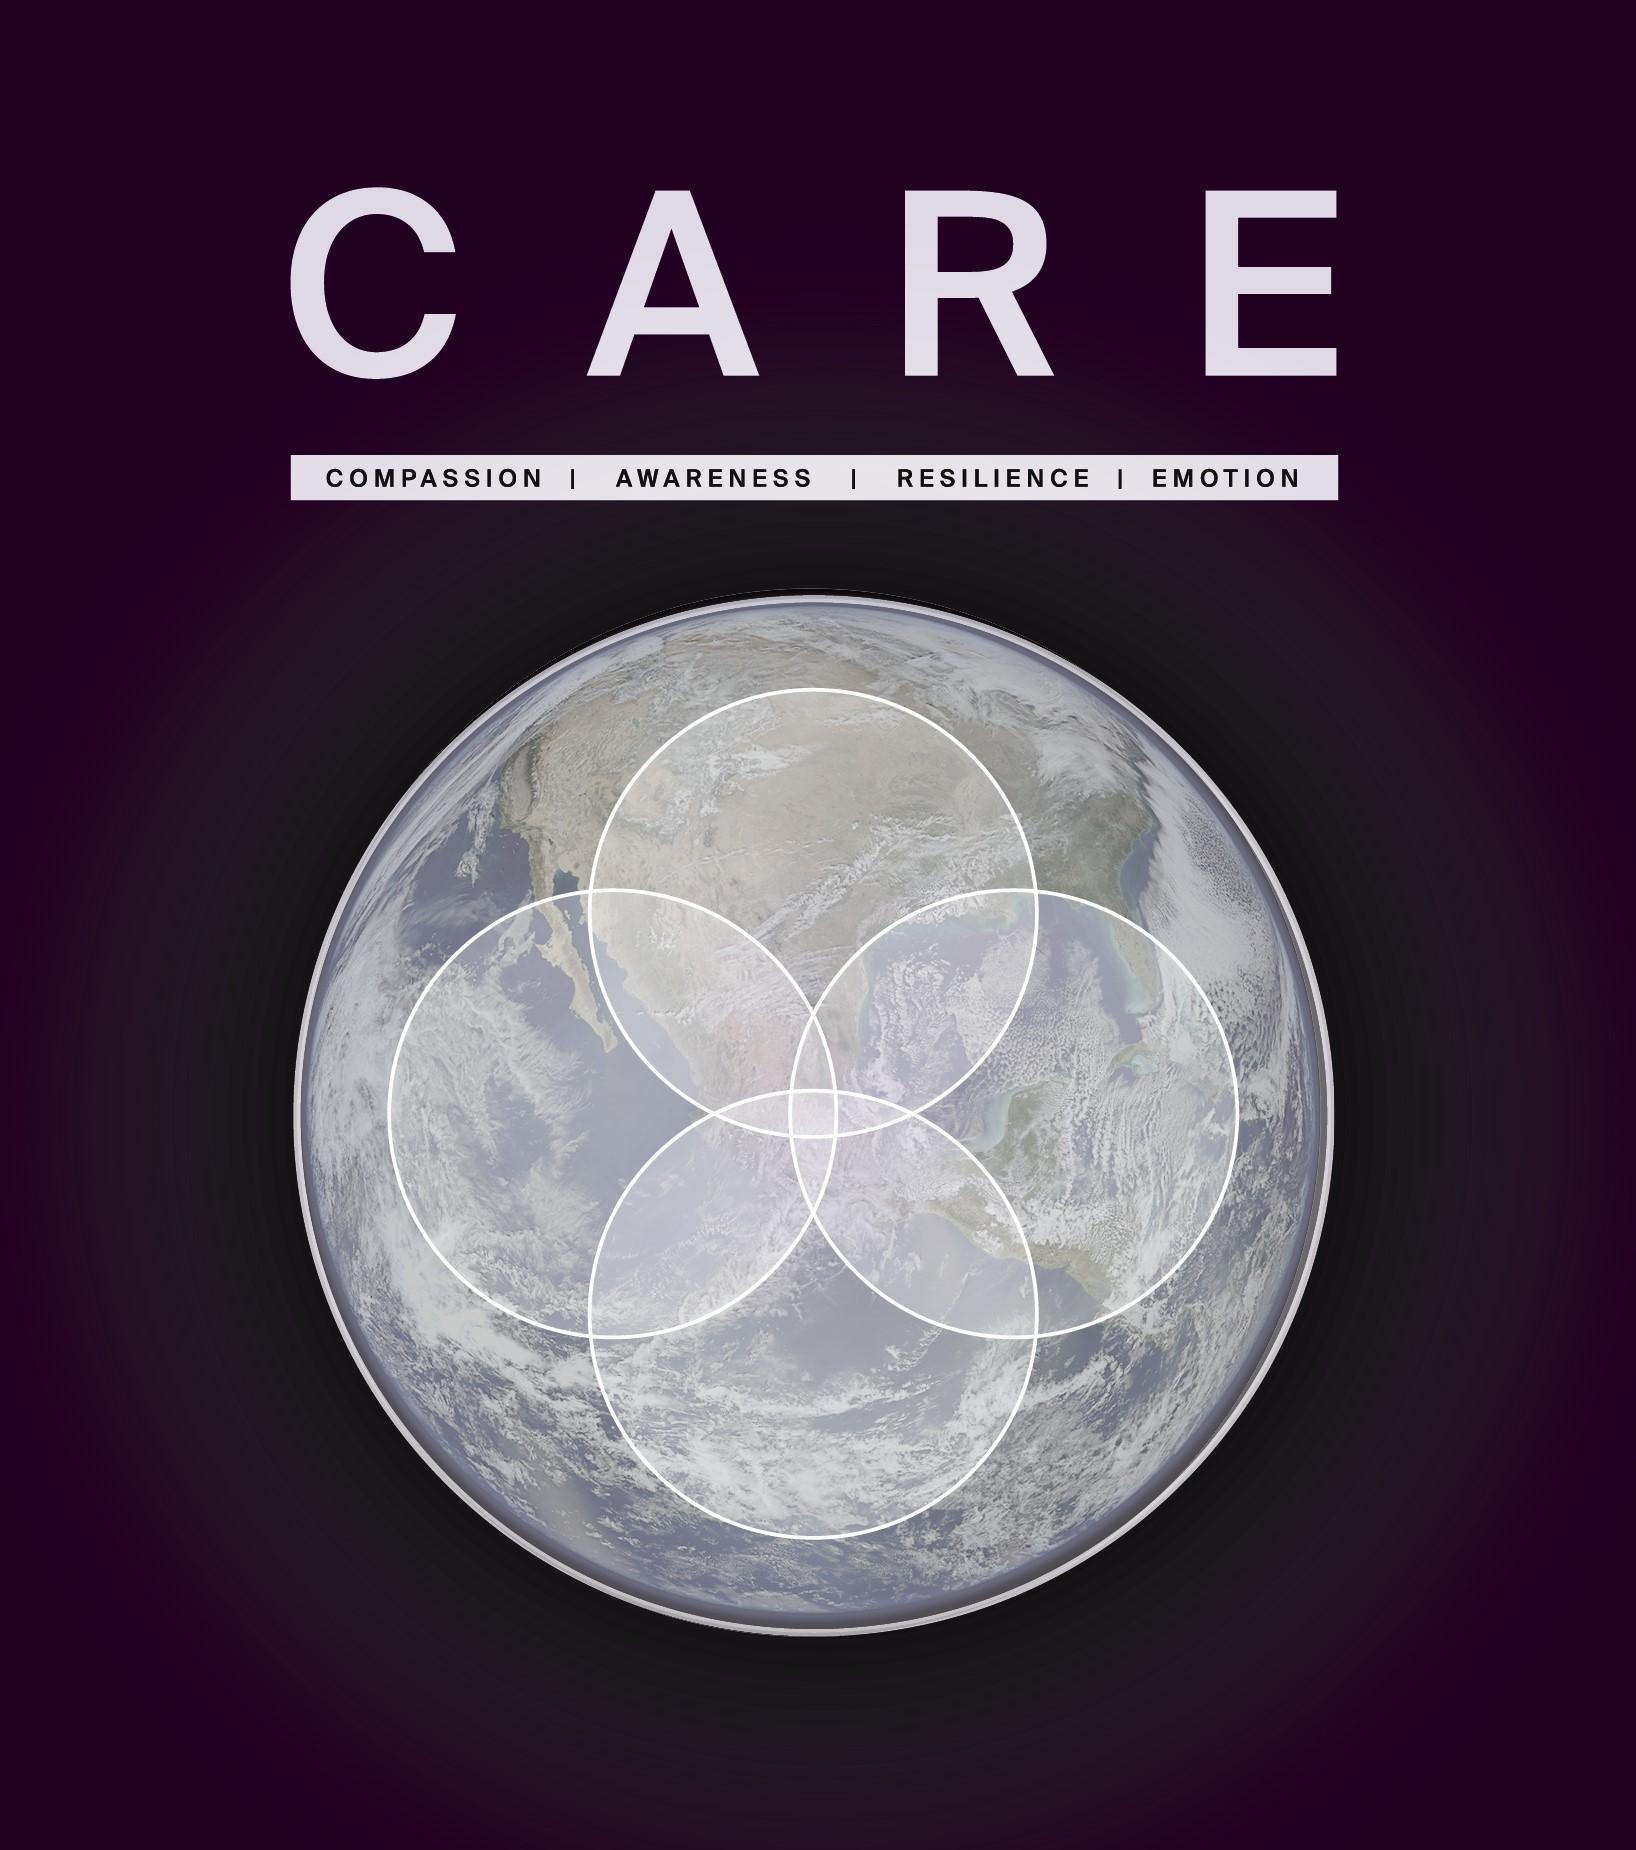 Bakgrund - Project CARE utvecklades ursprungligen för Chalmers CSE i Göteborg med uppdraget att hantera medarbetarnas stress. Vi tog en bredare ansats där vi både fokuserade på att stärka personlig resiliens och stimulera till en kultur av välmående baserat på medkänsla. Två nivåer av CARE ingår idag i verktygslådan för det jämställdhetsarbete som bedrivs över hela Chalmers och ytterligare en CARE-version har utvecklats speciellt för vården.Intresset för CARE-konceptet har varit stort. Vi behöver utbilda fler lärare till vårt team och passar på att göra kunskaperna tillgängliga för alla som vill ta del av utbildningen.